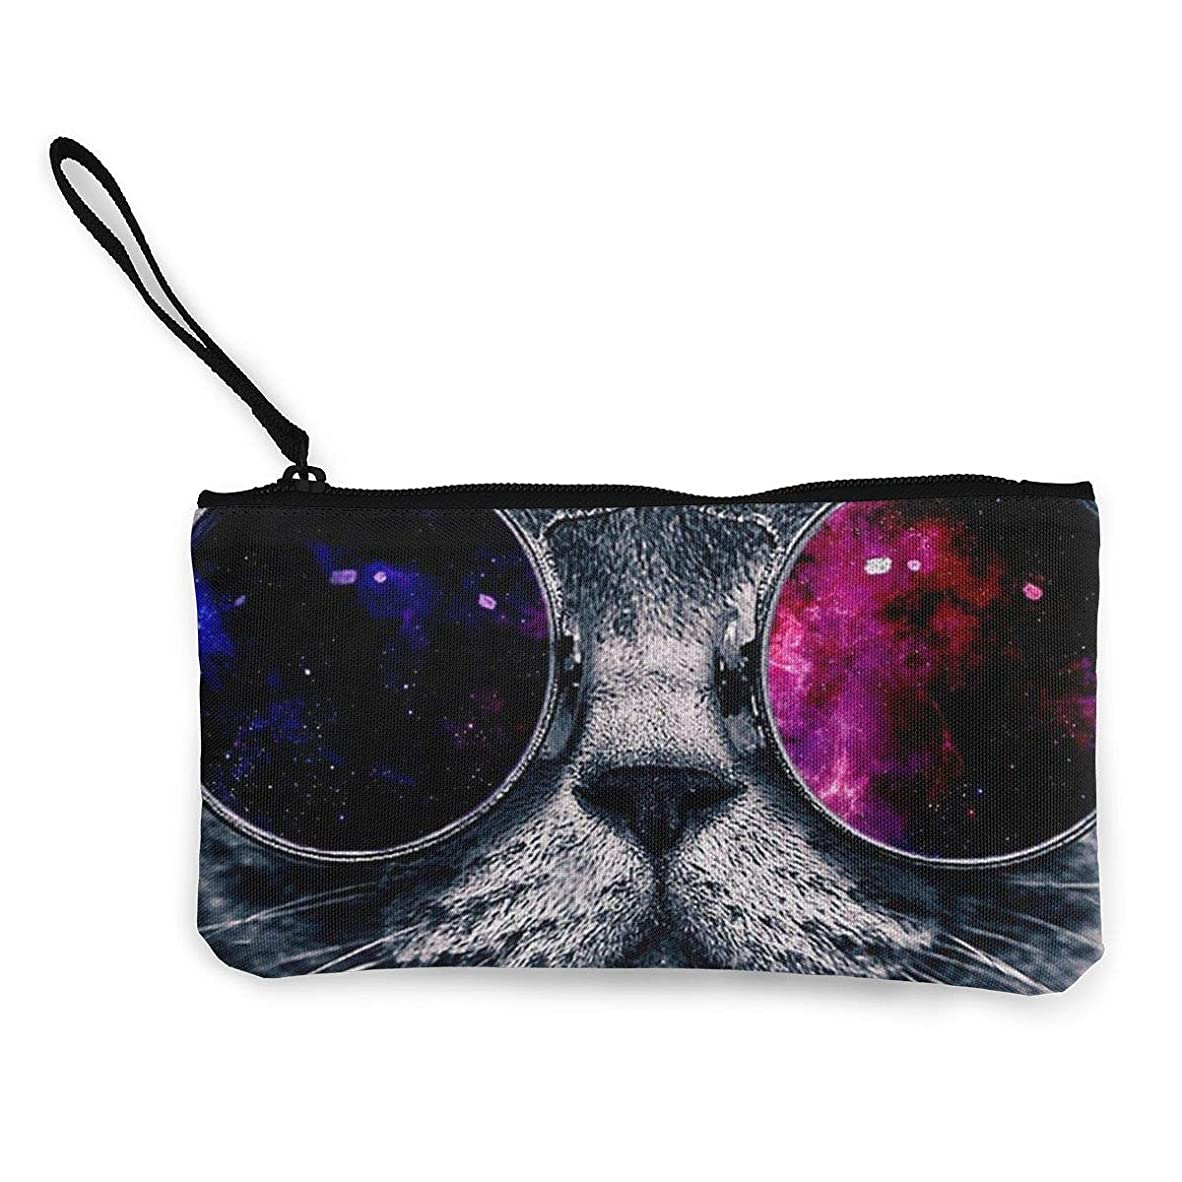 安全でないはさみ特権ErmiCo レディース 小銭入れ キャンバス財布 眼鏡を掛けた猫 小遣い財布 財布 鍵 小物 充電器 収納 長財布 ファスナー付き 22×12cm